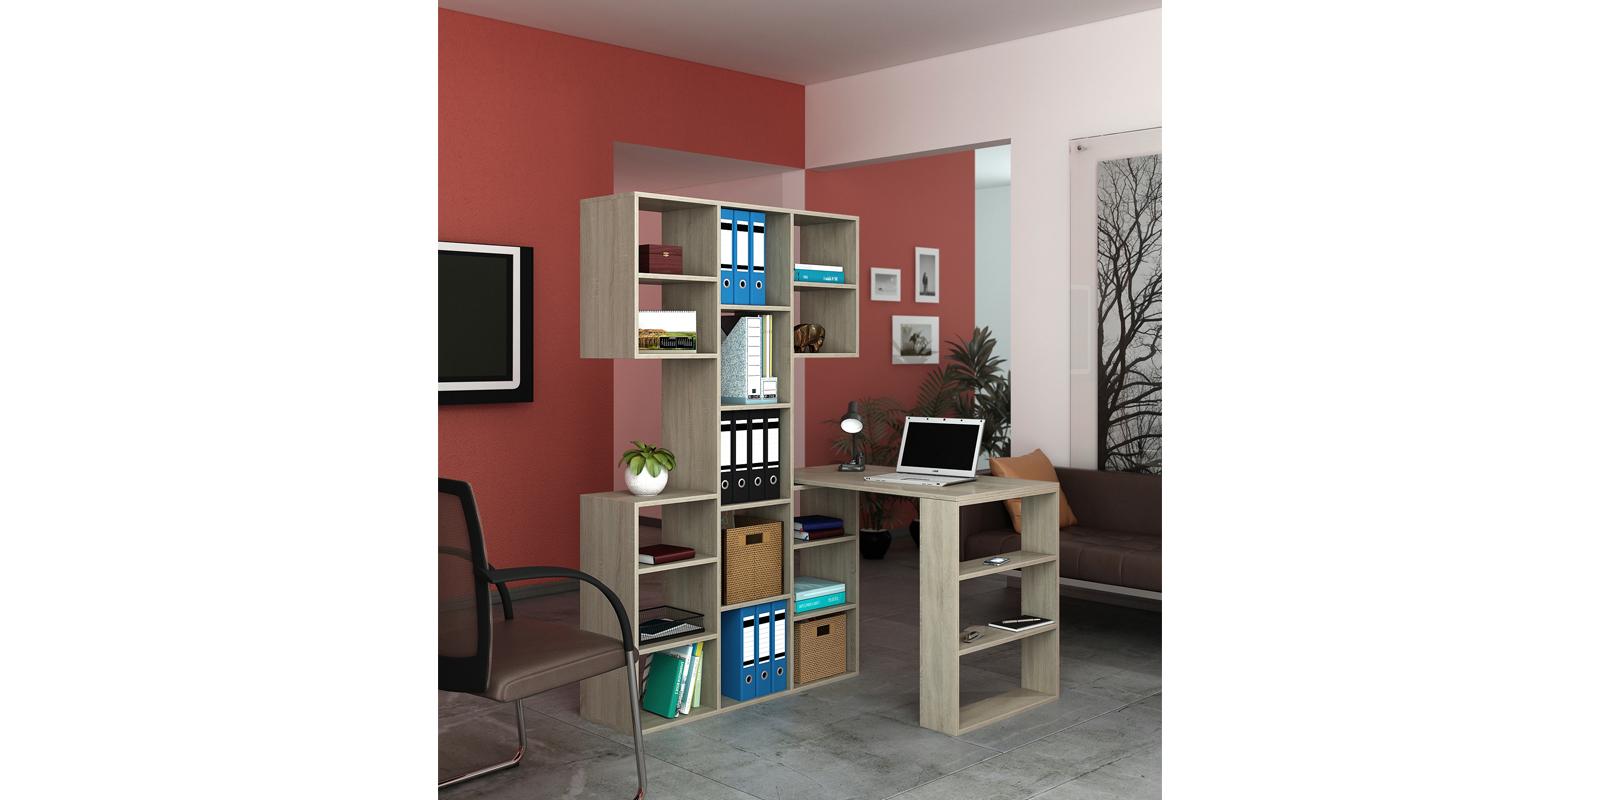 Купить письменный стол hoff рикс hoff рикс в ростове-на-дону.